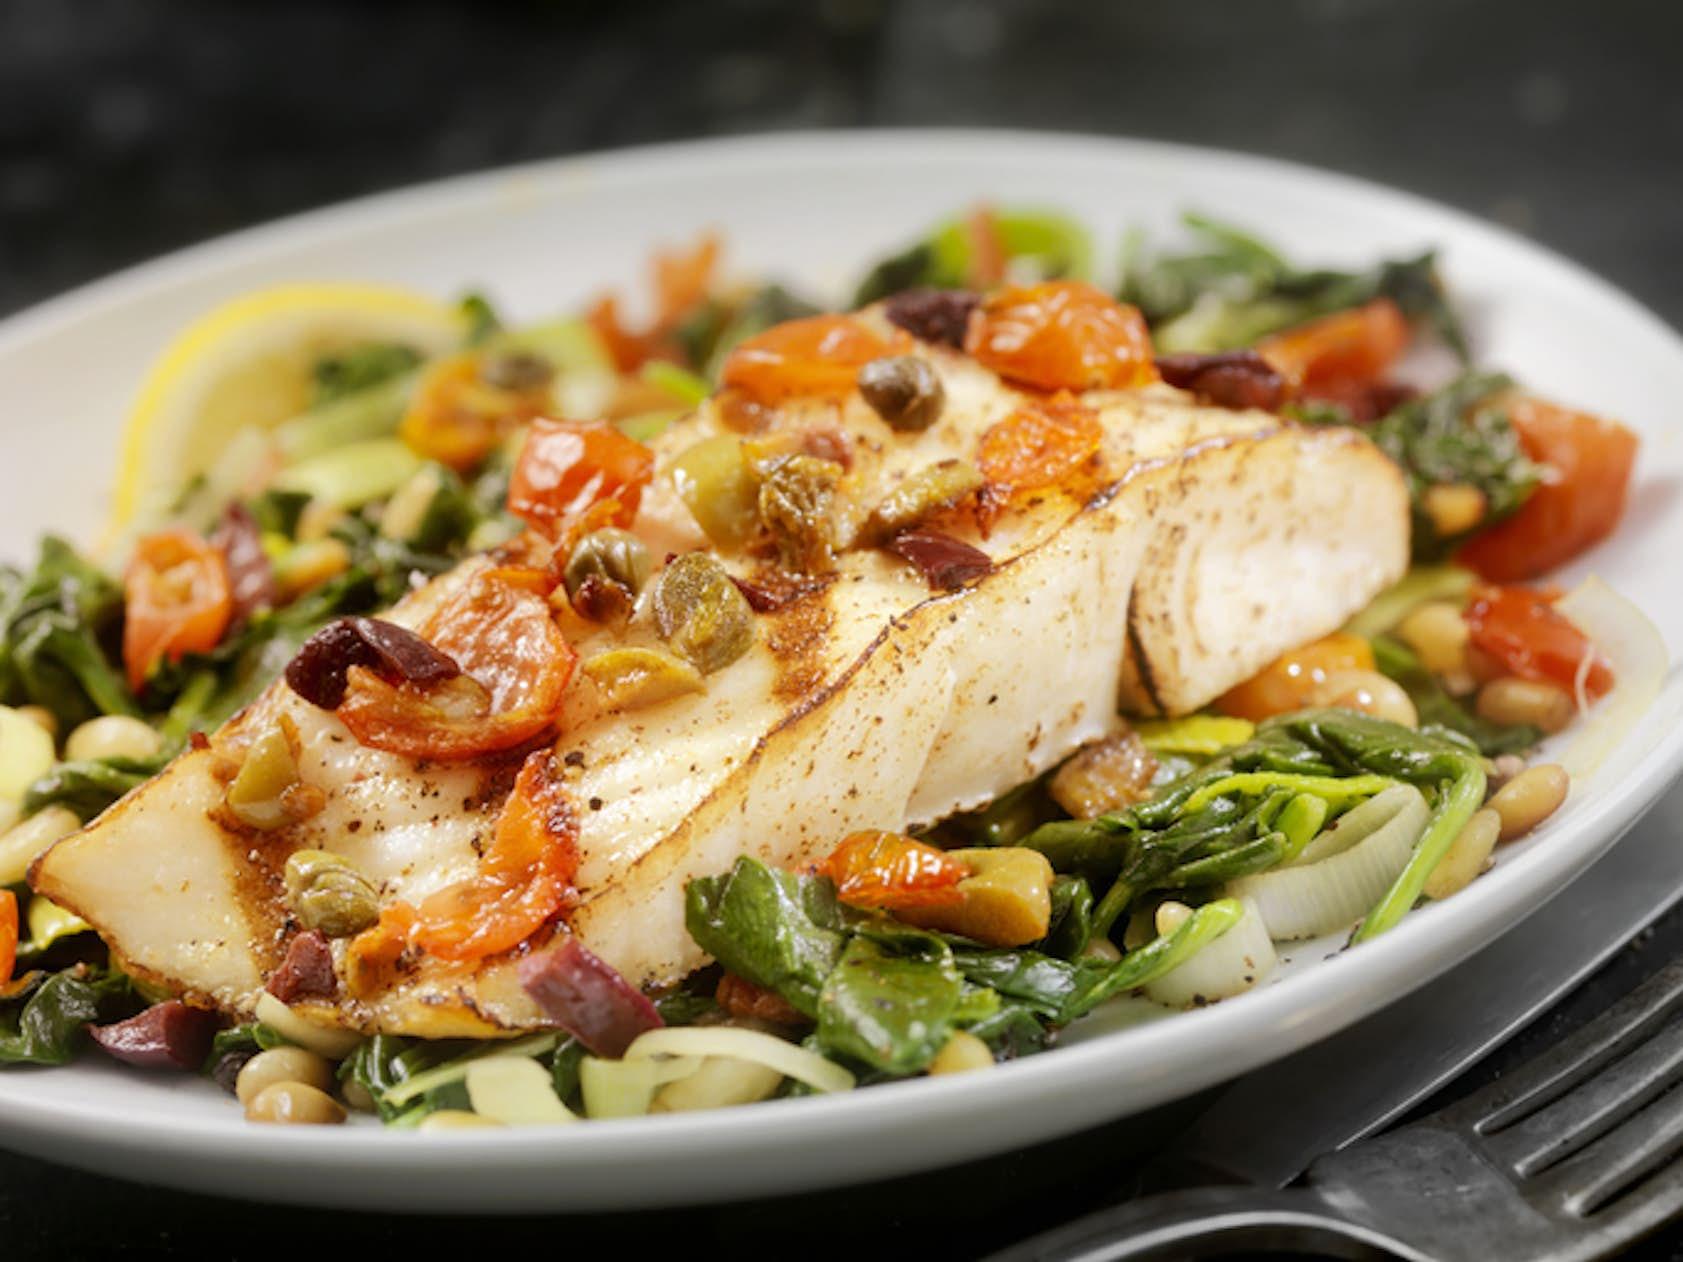 äta fisk varje dag